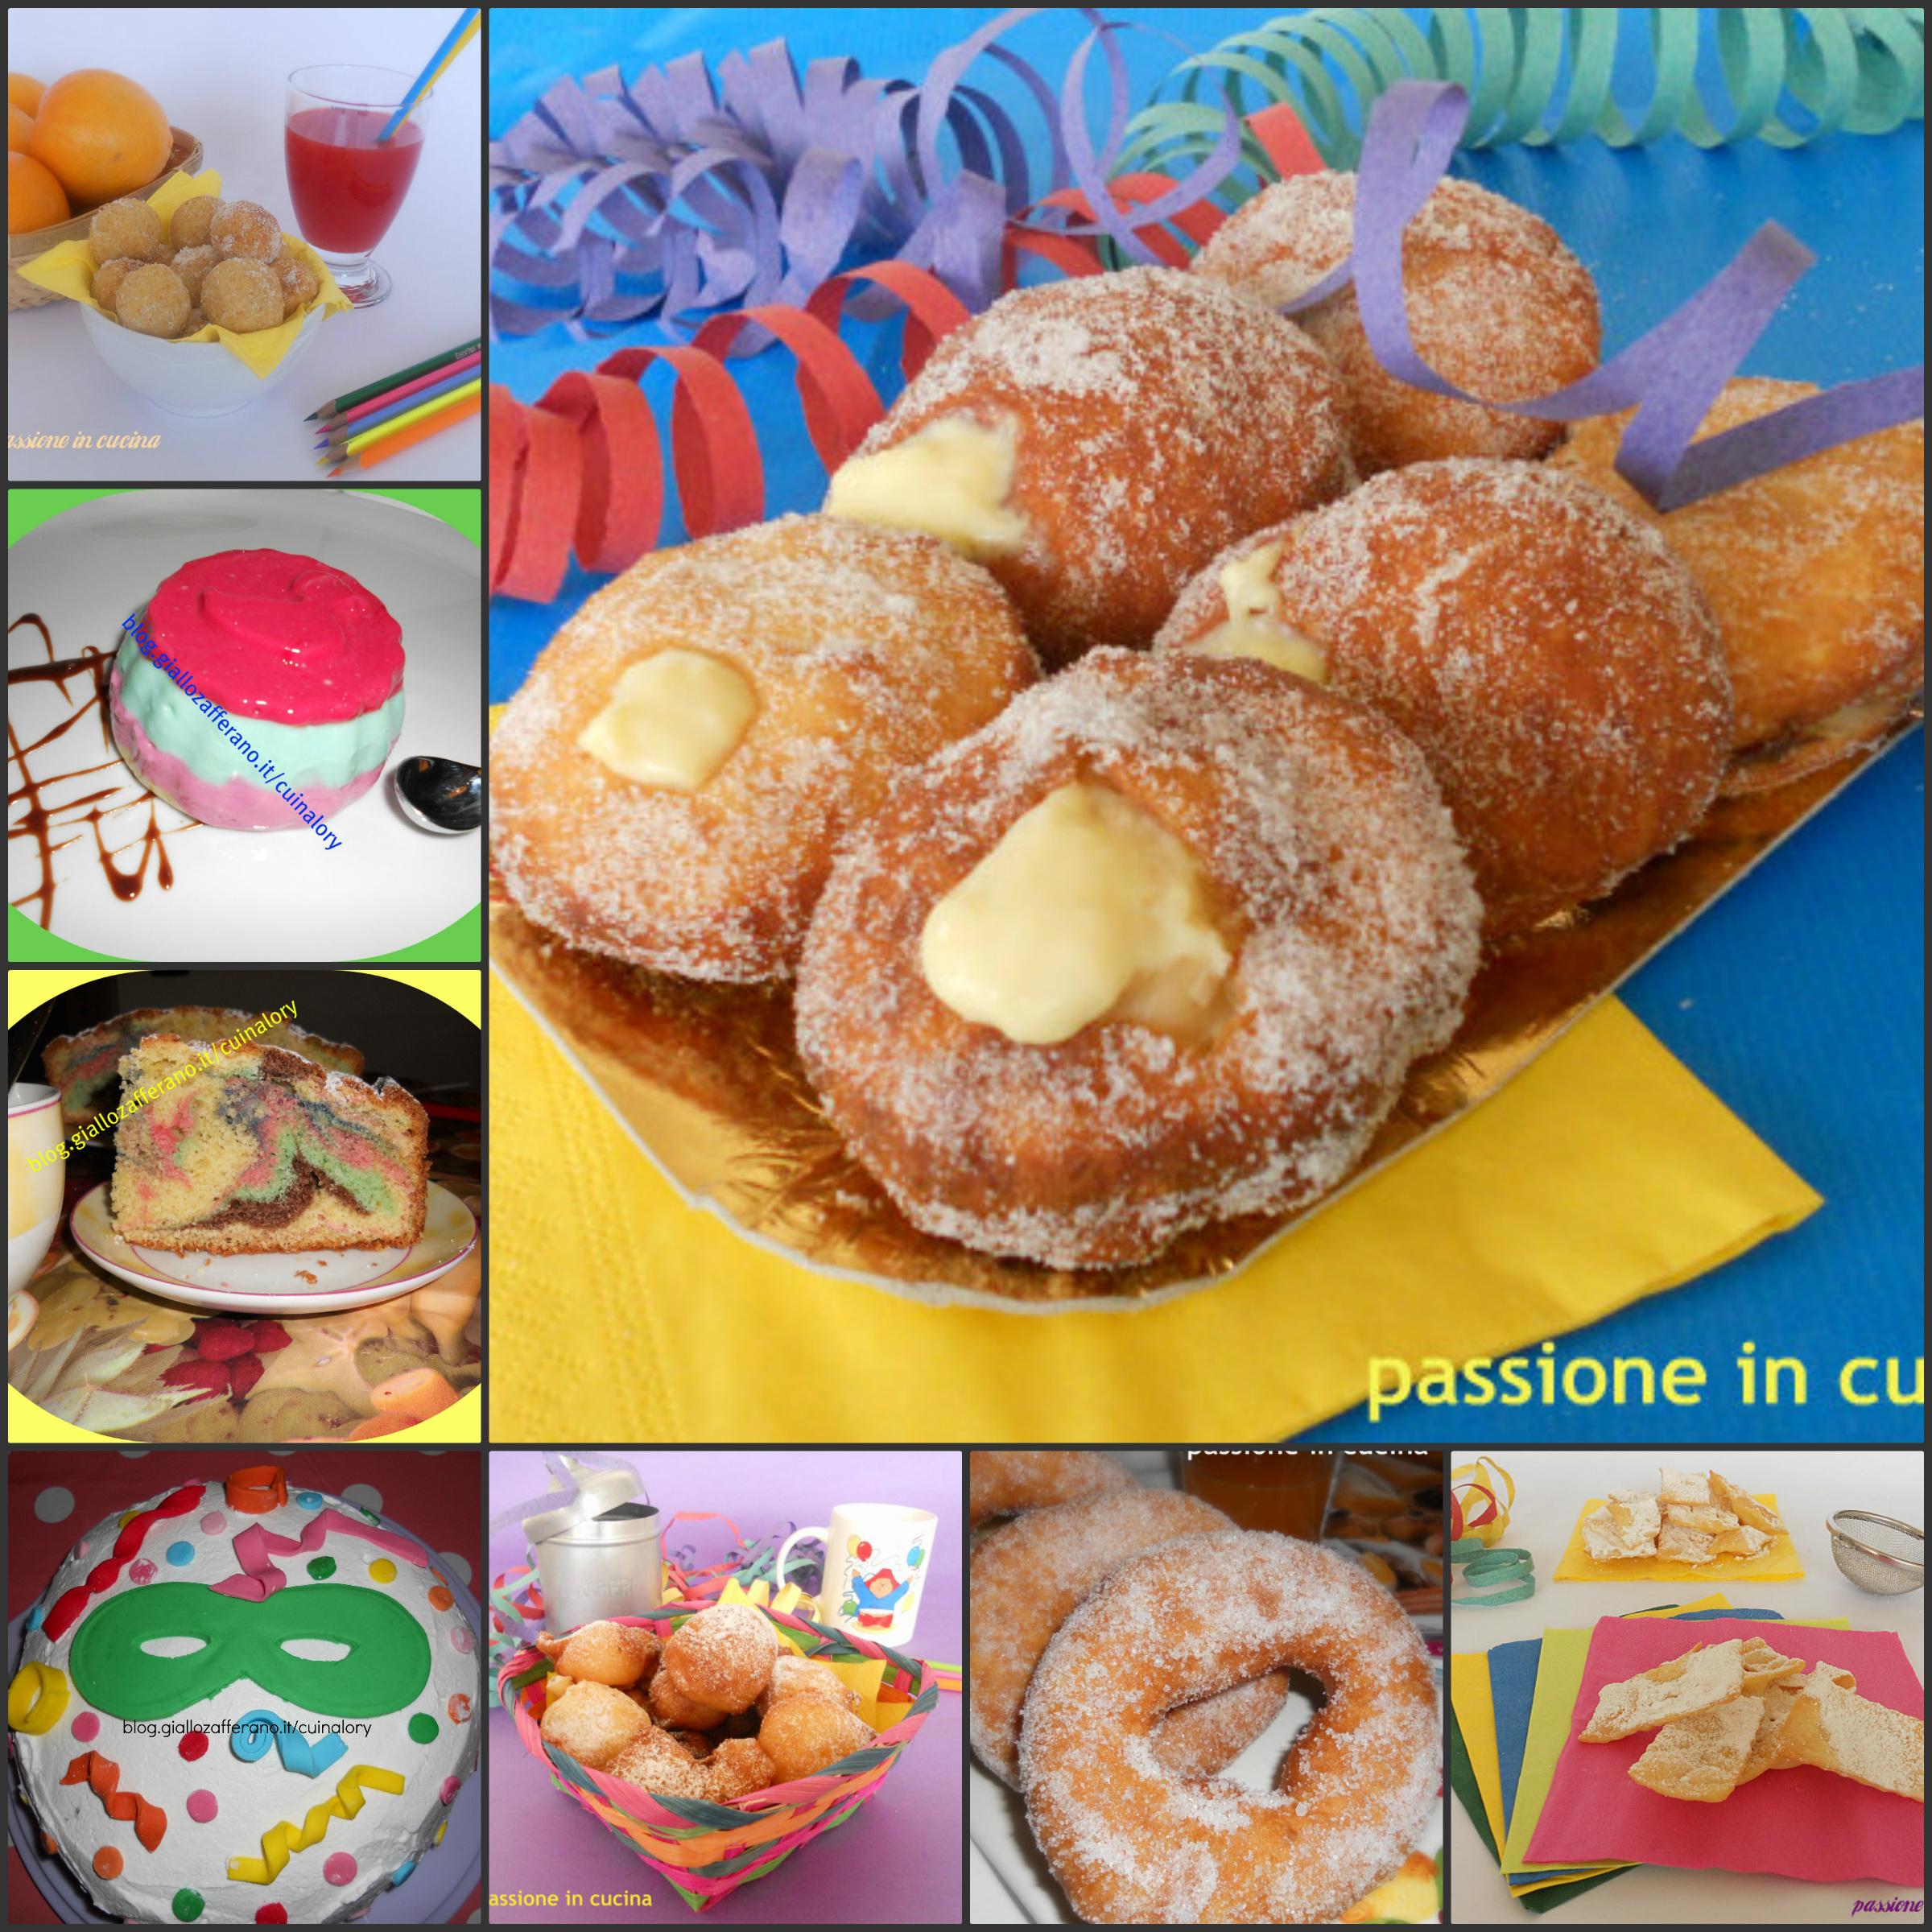 dolci di carnevale passioneincucina.giallozafferano.it